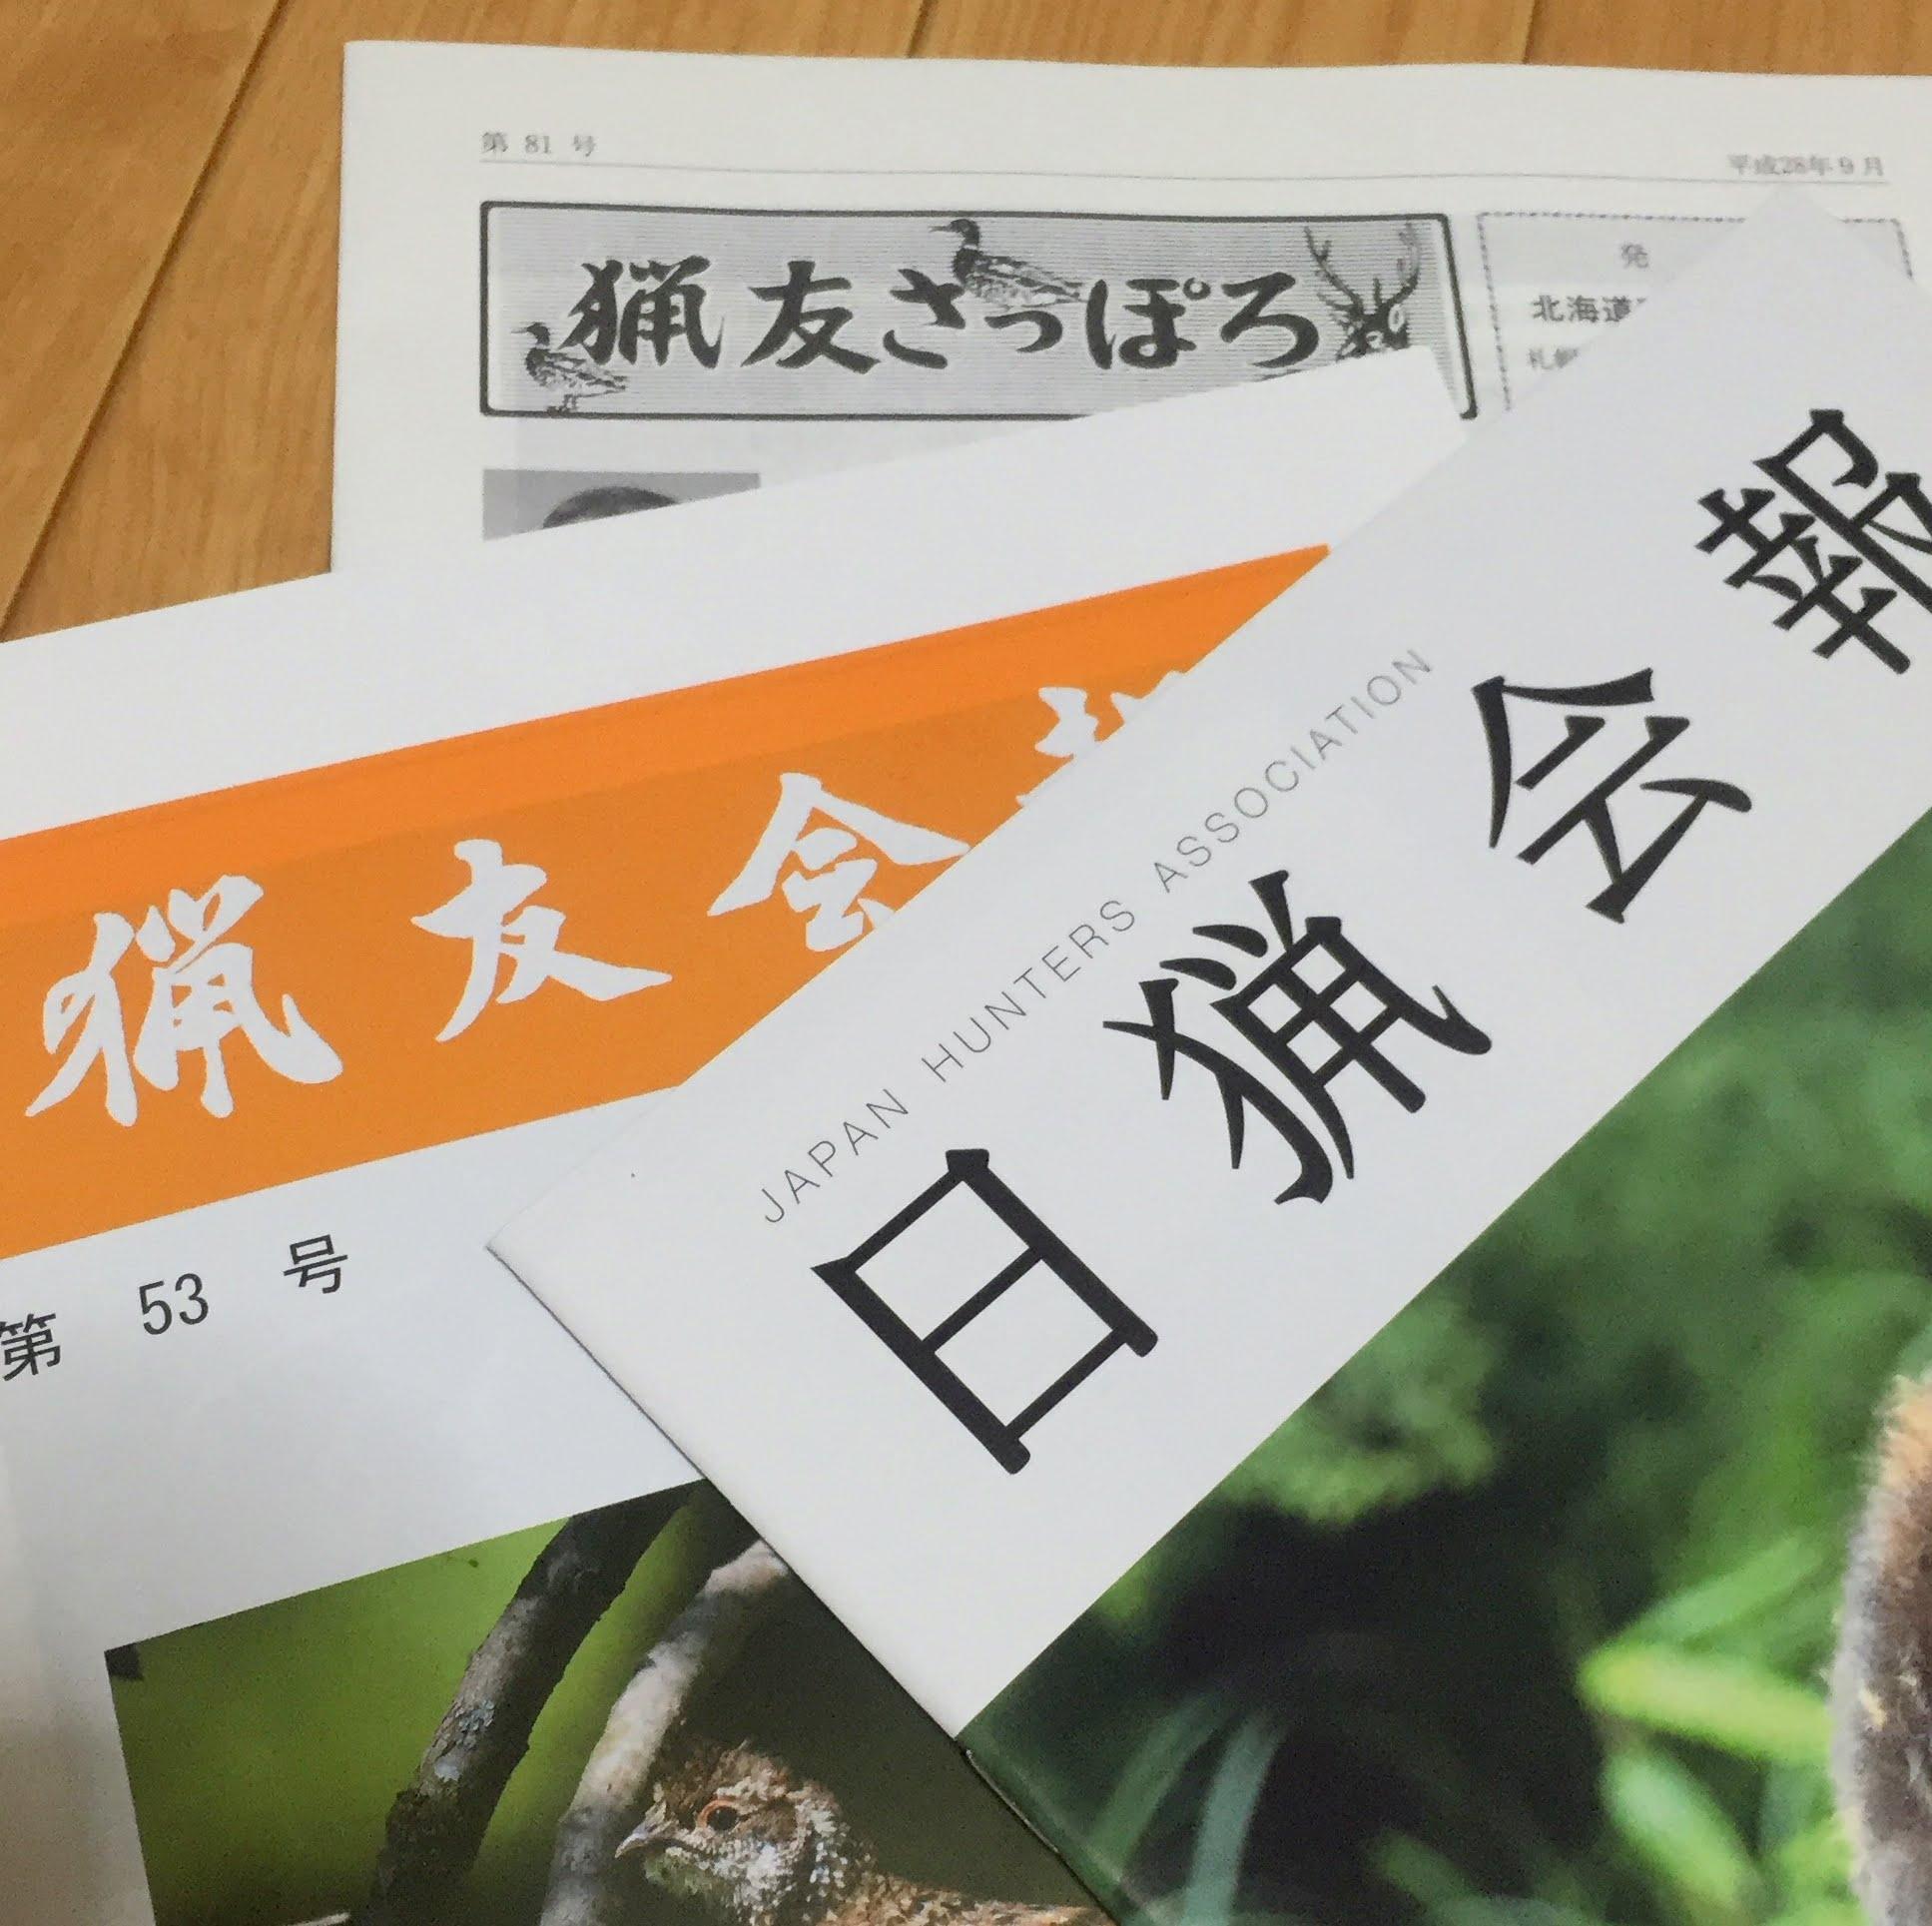 平成28年度会報誌[2016年9月]